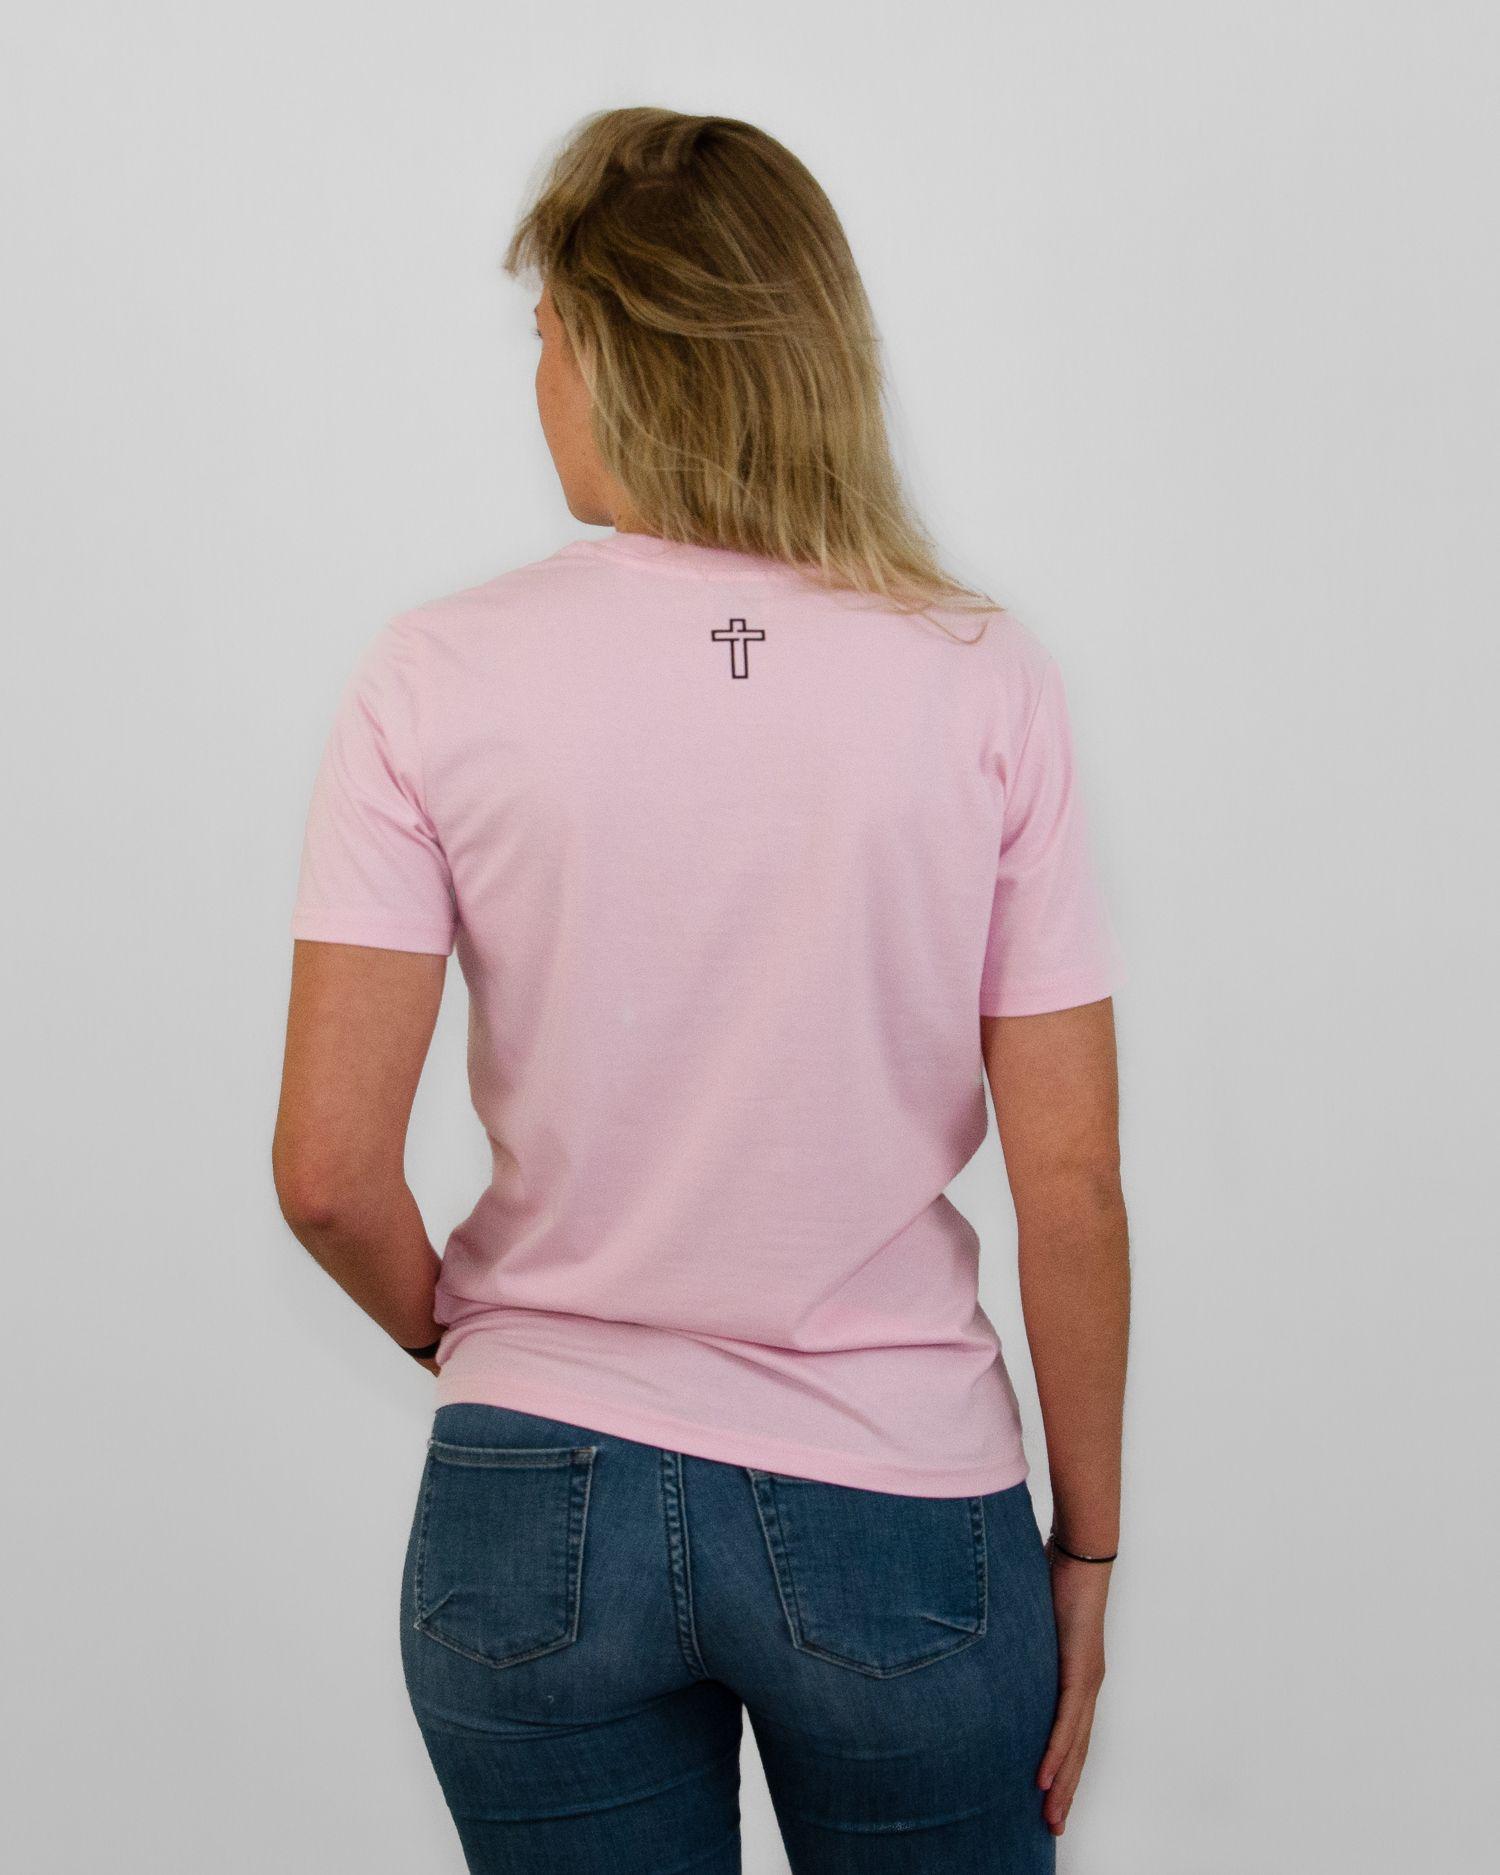 New Testament Original T Roze Pink Dames_achter